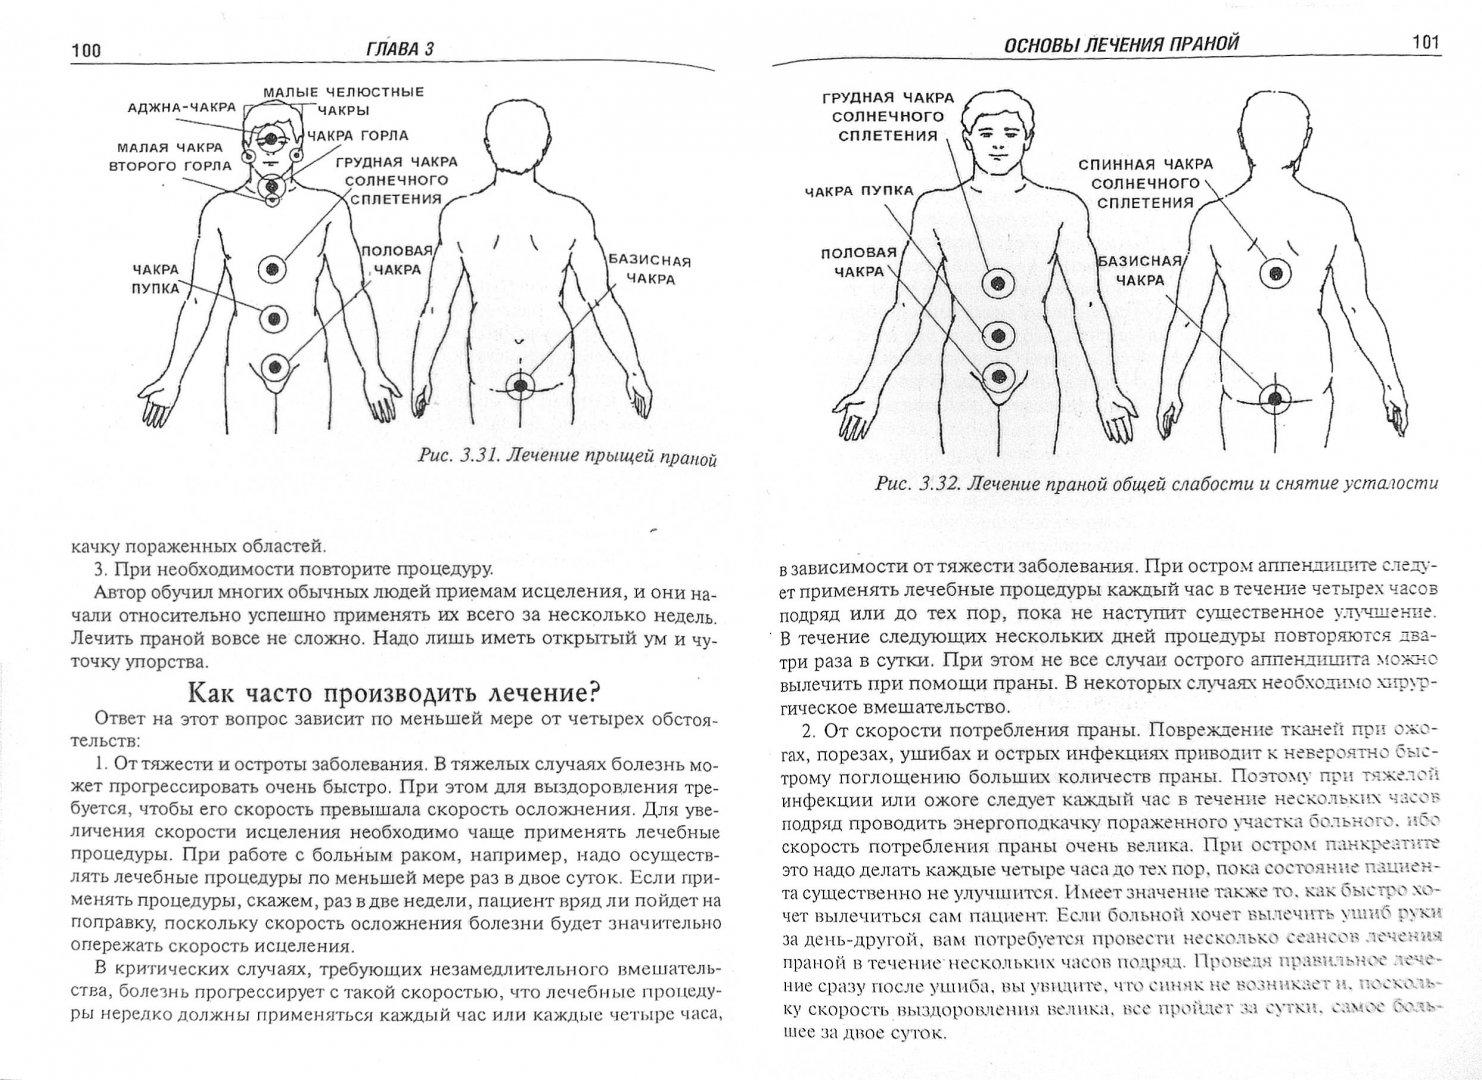 Иллюстрация 1 из 11 для Чудеса исцеления праной - Чой Суи | Лабиринт - книги. Источник: Лабиринт